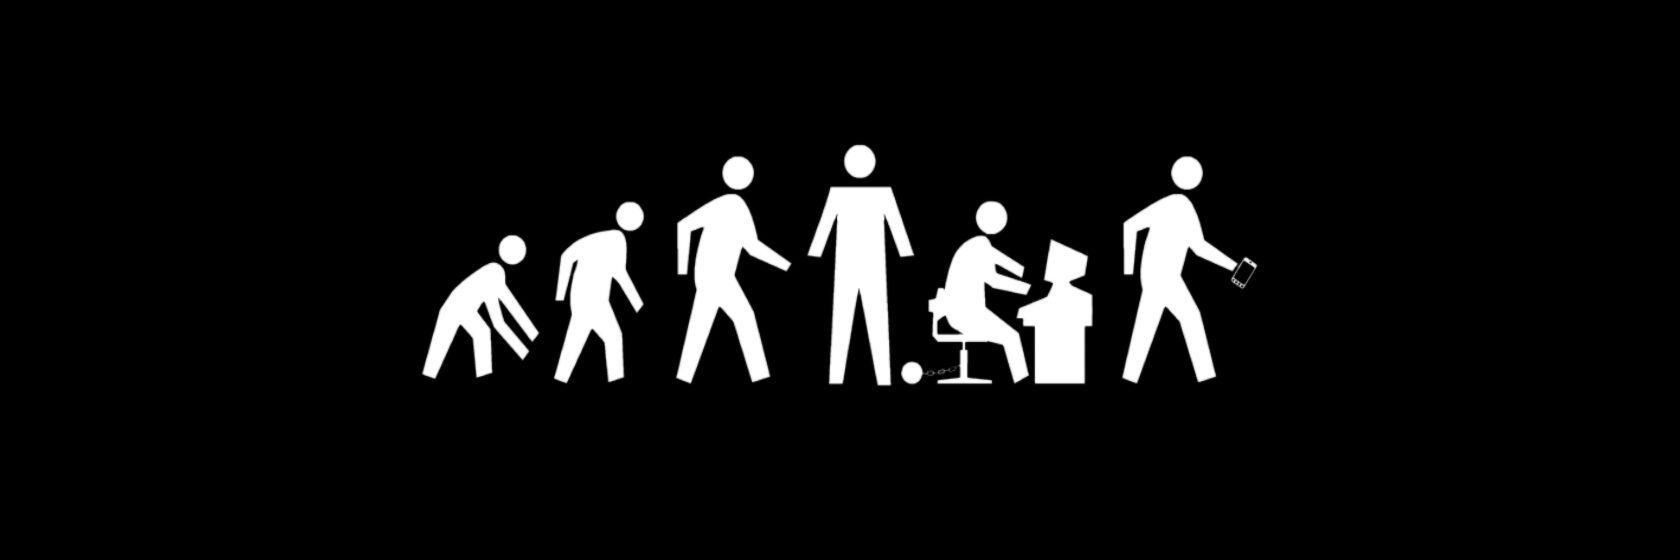 uomo-tecnologia-evoluzione